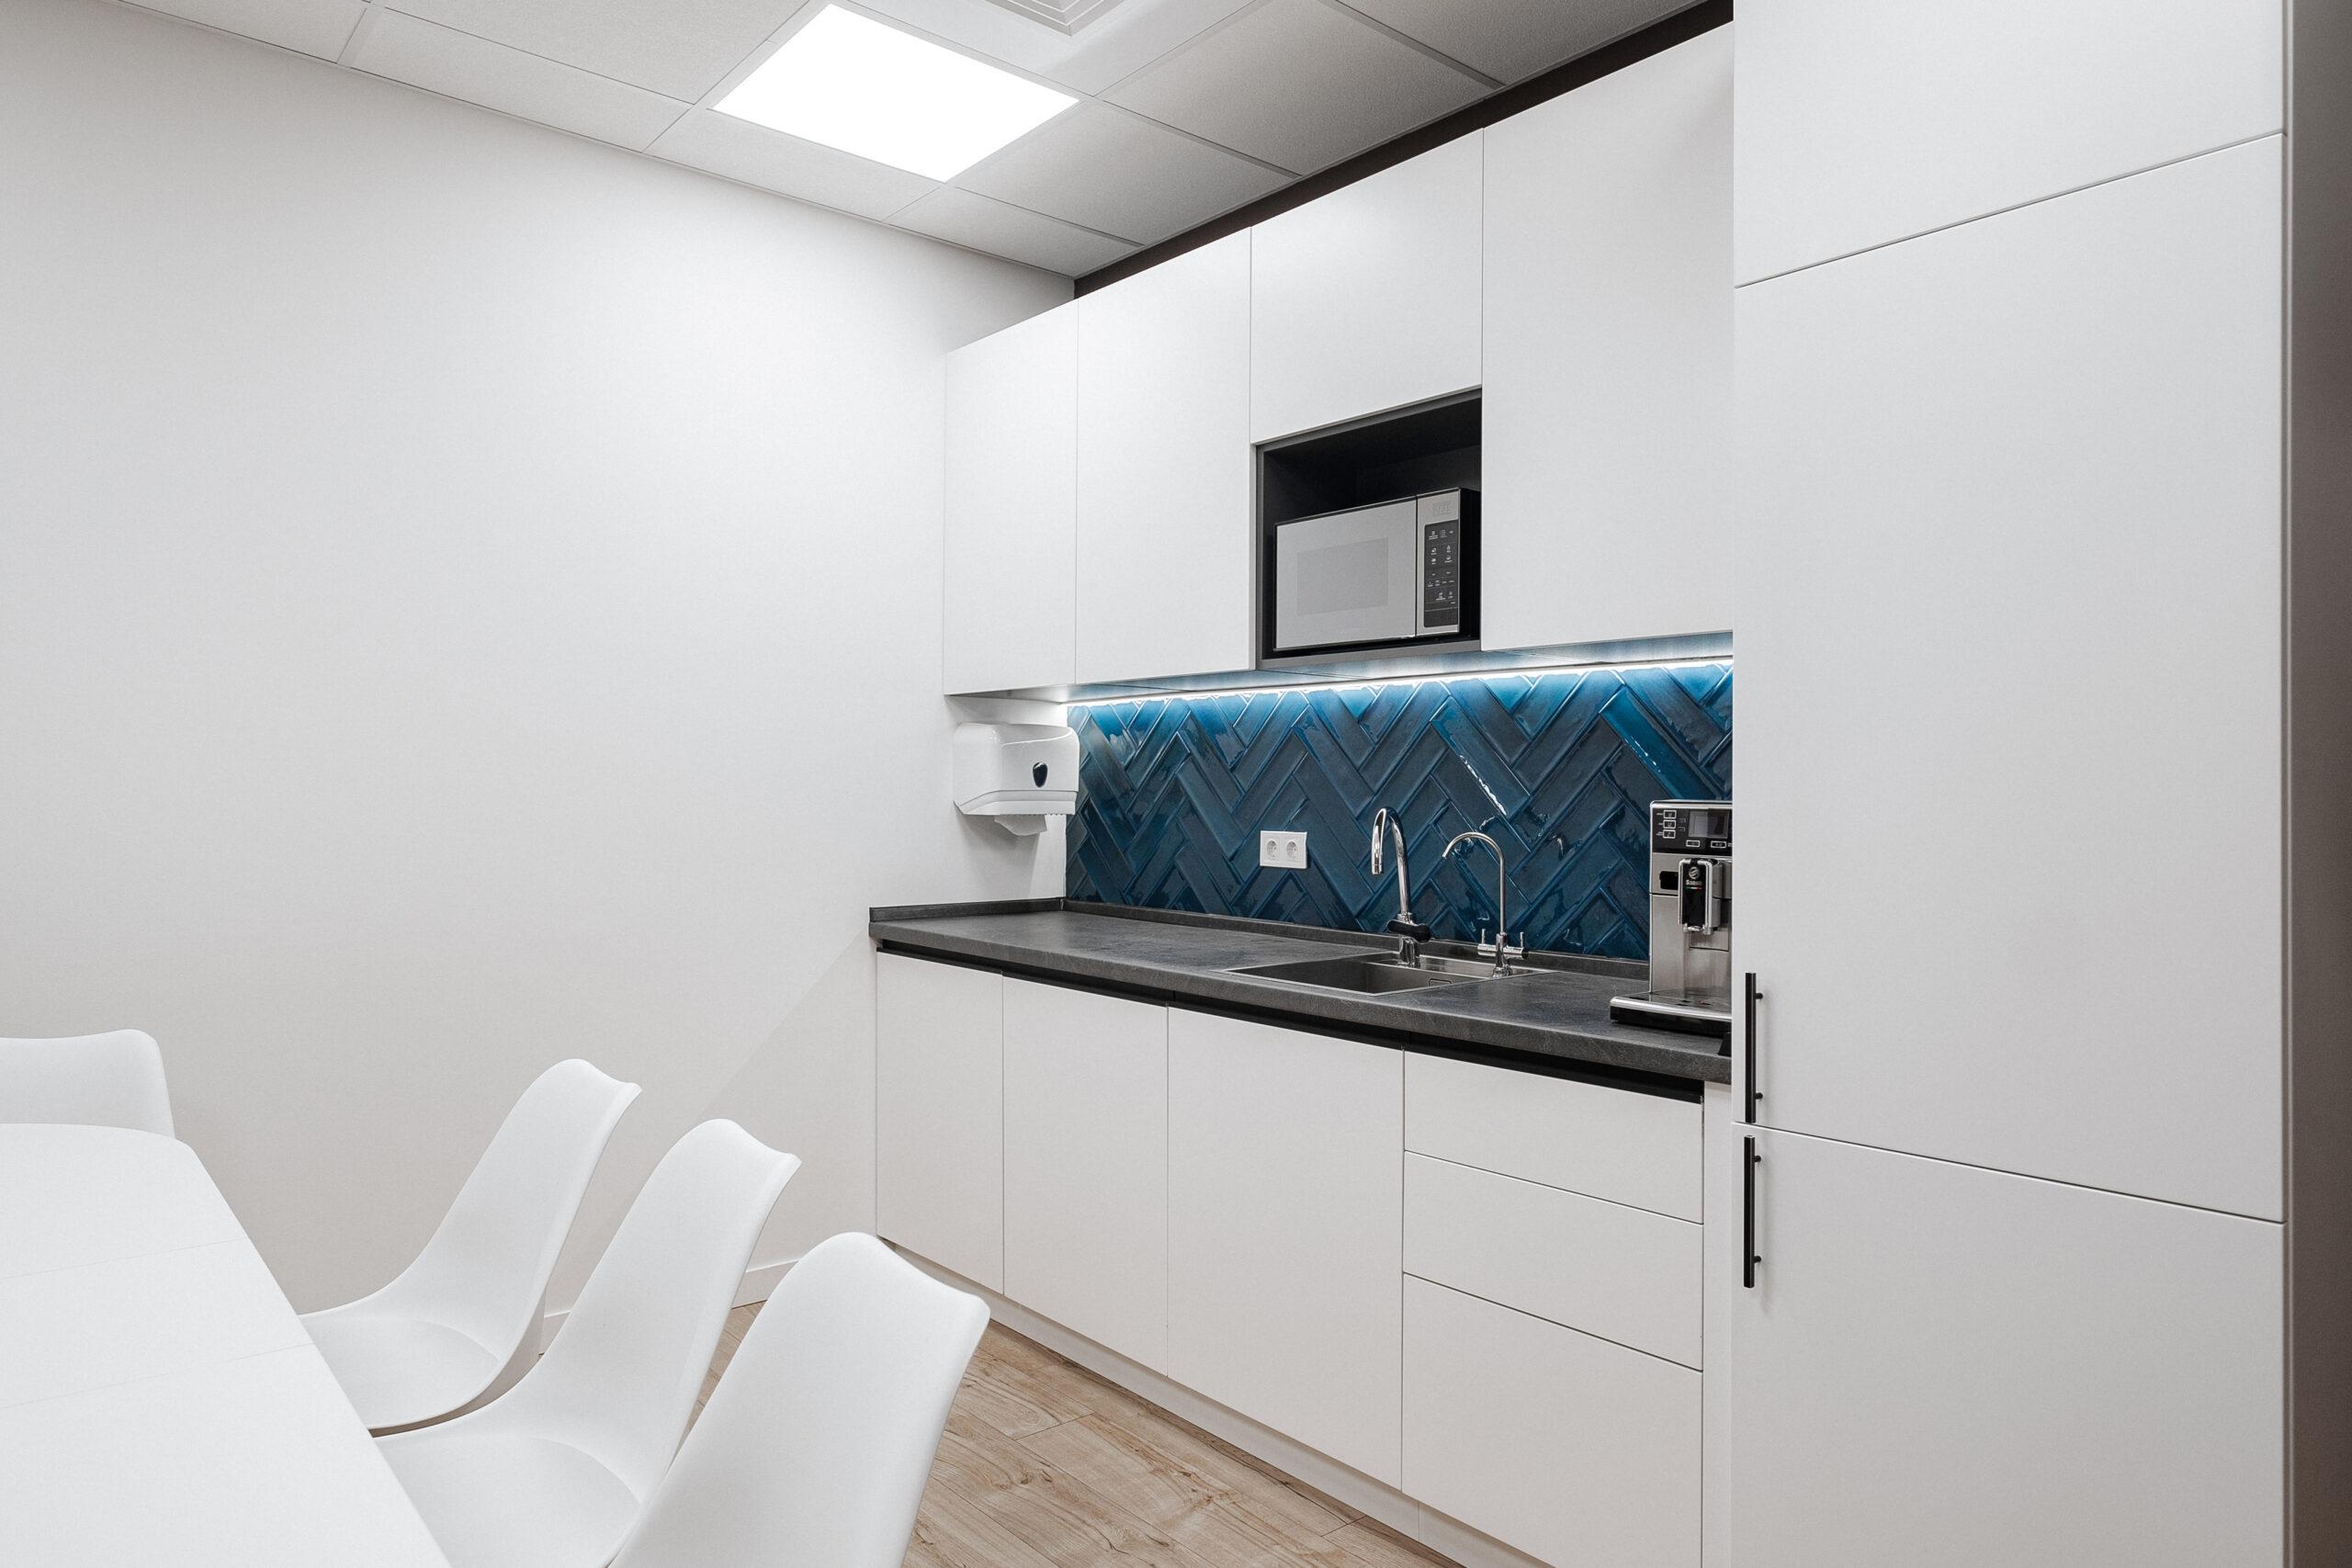 Новое офисное помещение - новый этап в развитии вашей компании